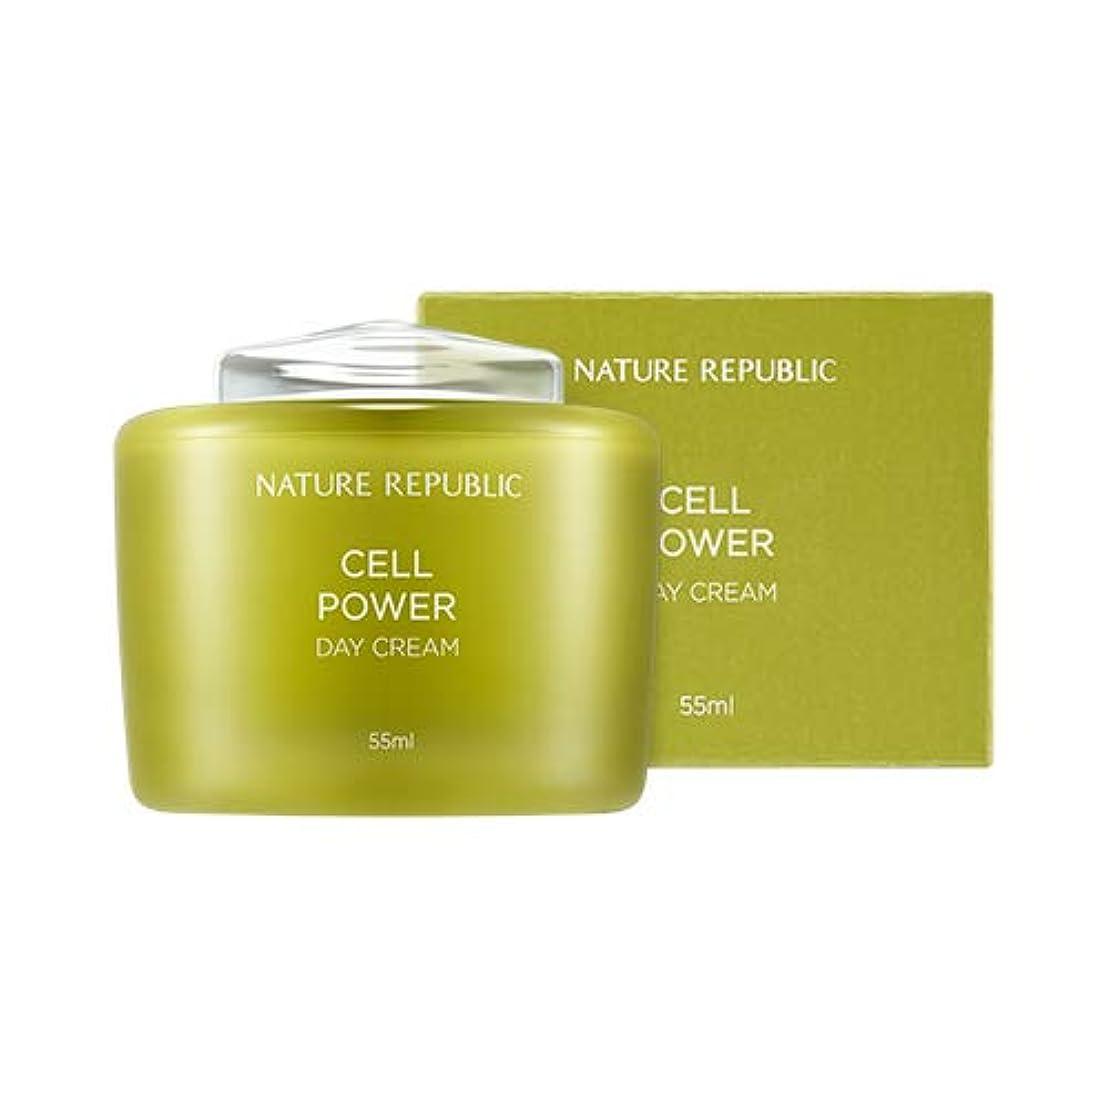 北西ナット永久にNATURE REPUBLIC Cell Power Day Cream/ネイチャーリパブリック セルパワー デイクリーム 55ml [並行輸入品]